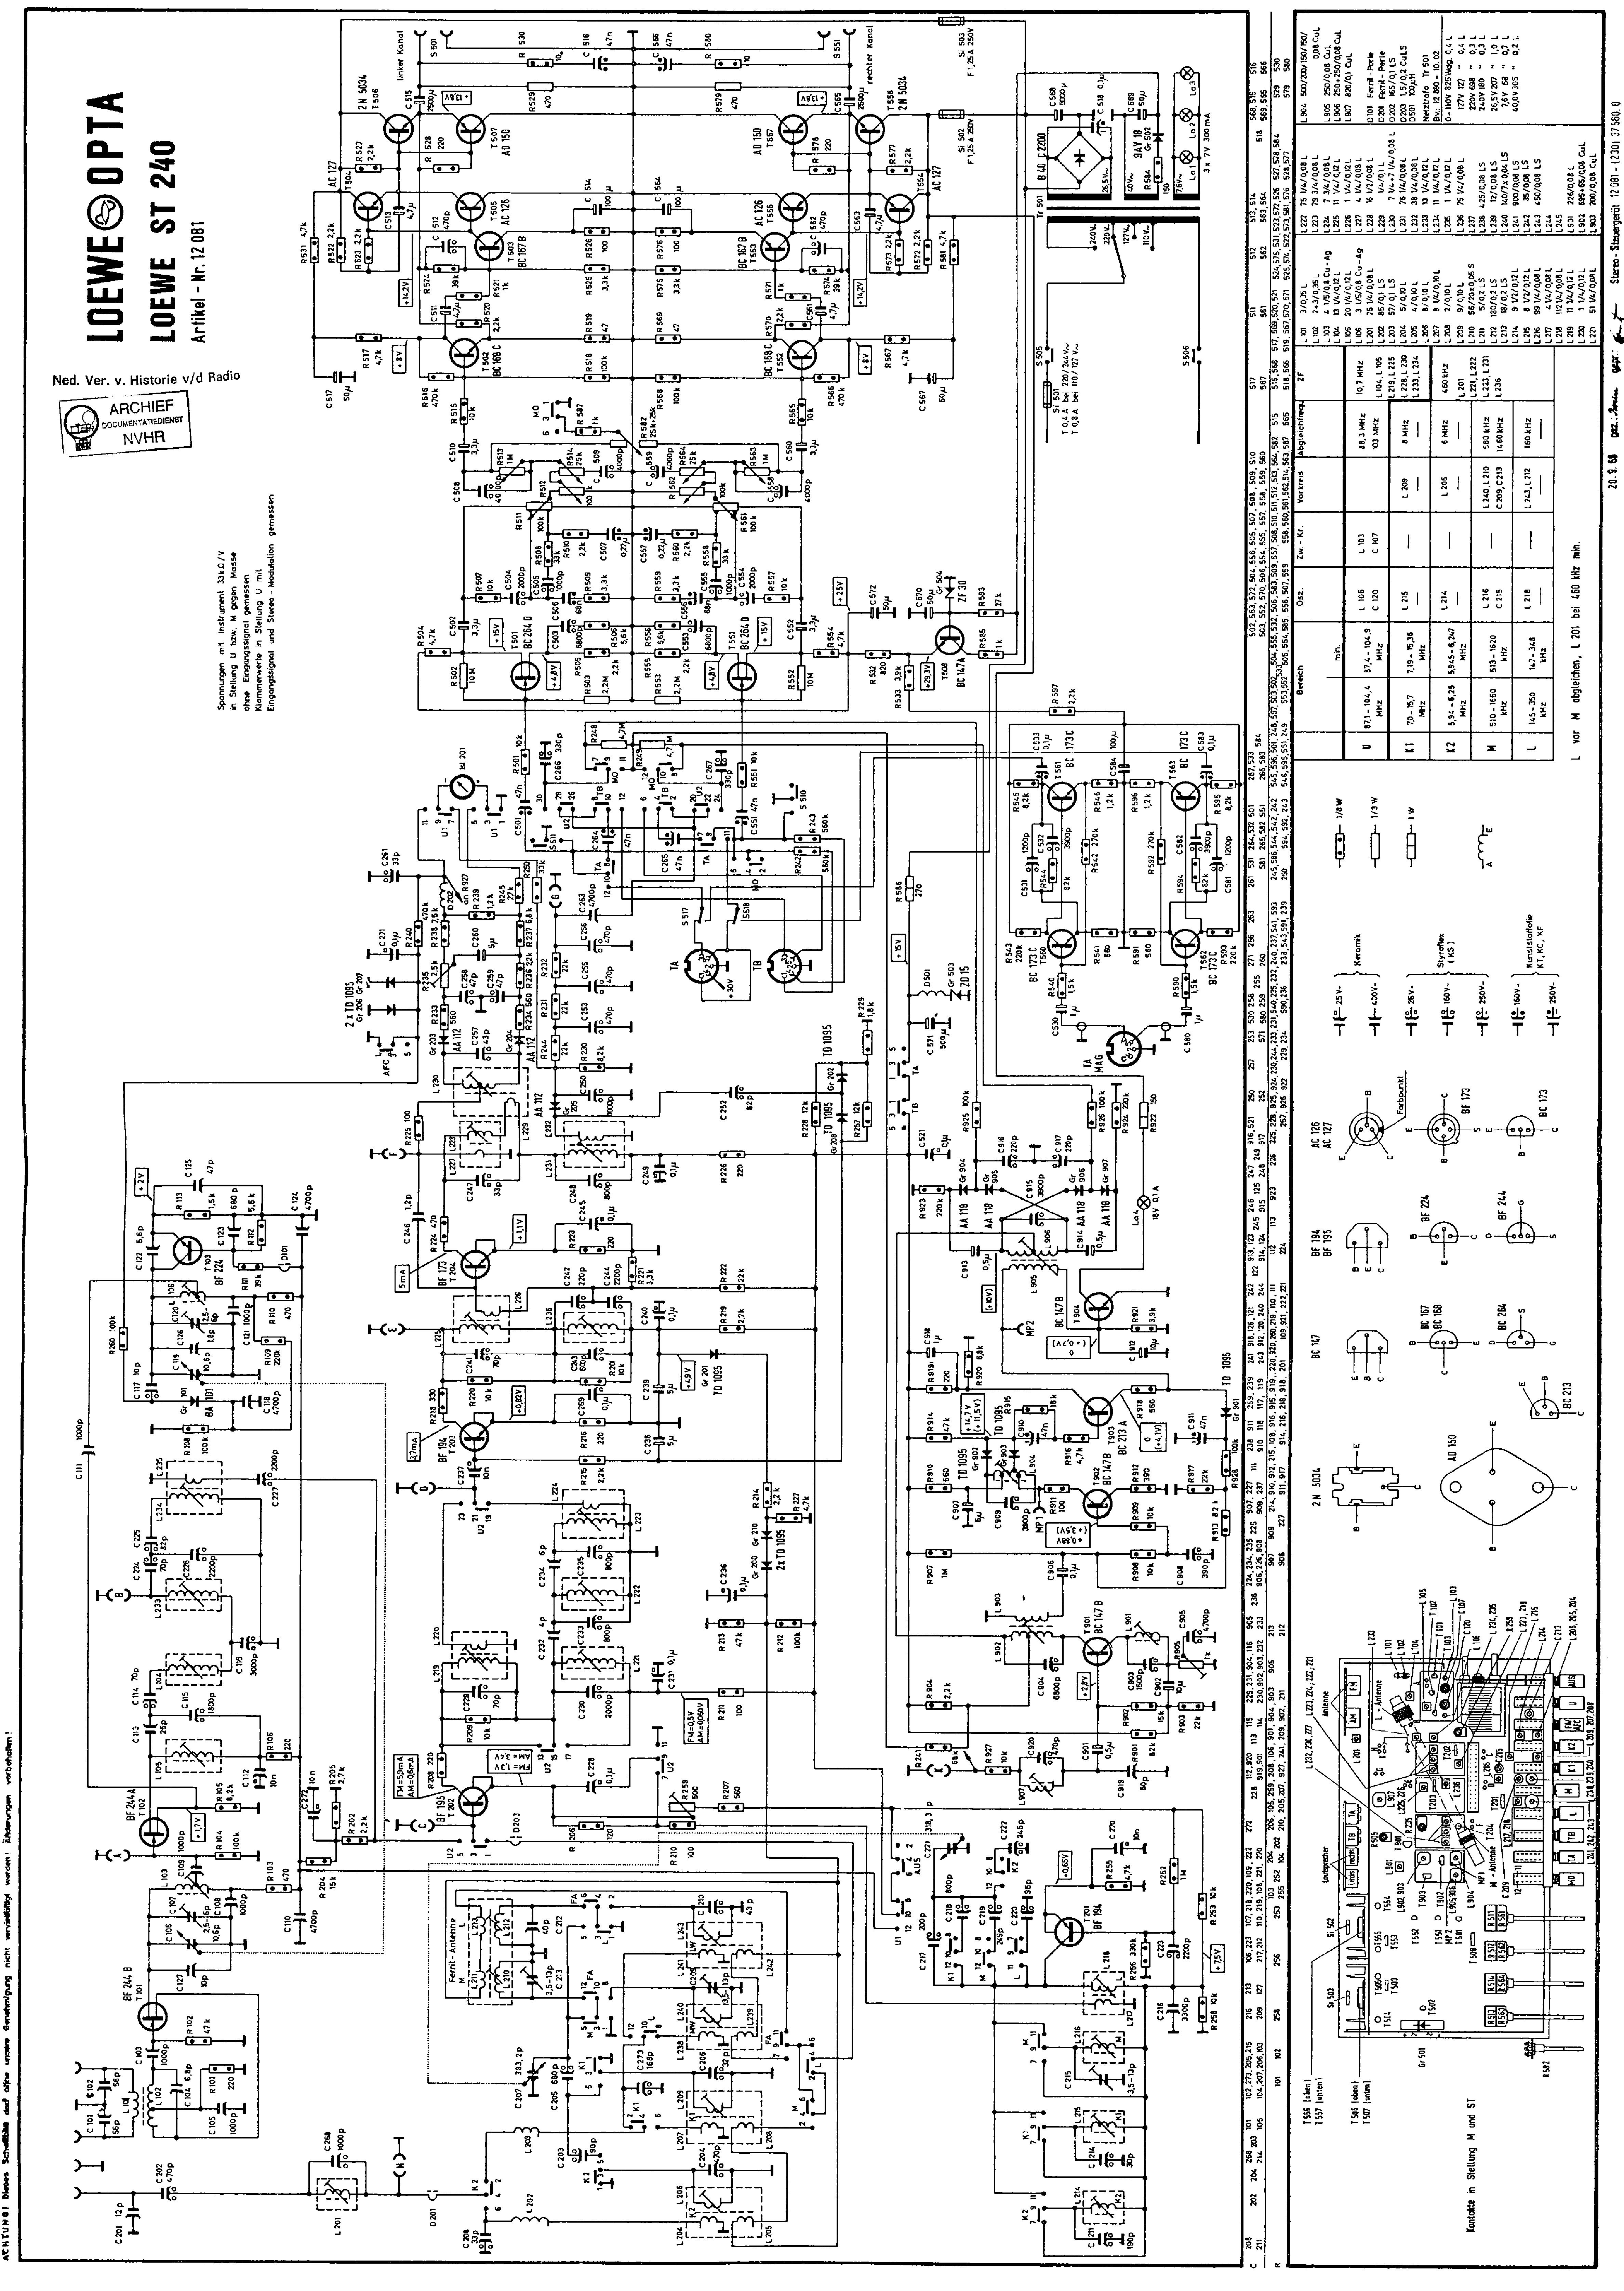 1952 USAF Serial Numbers